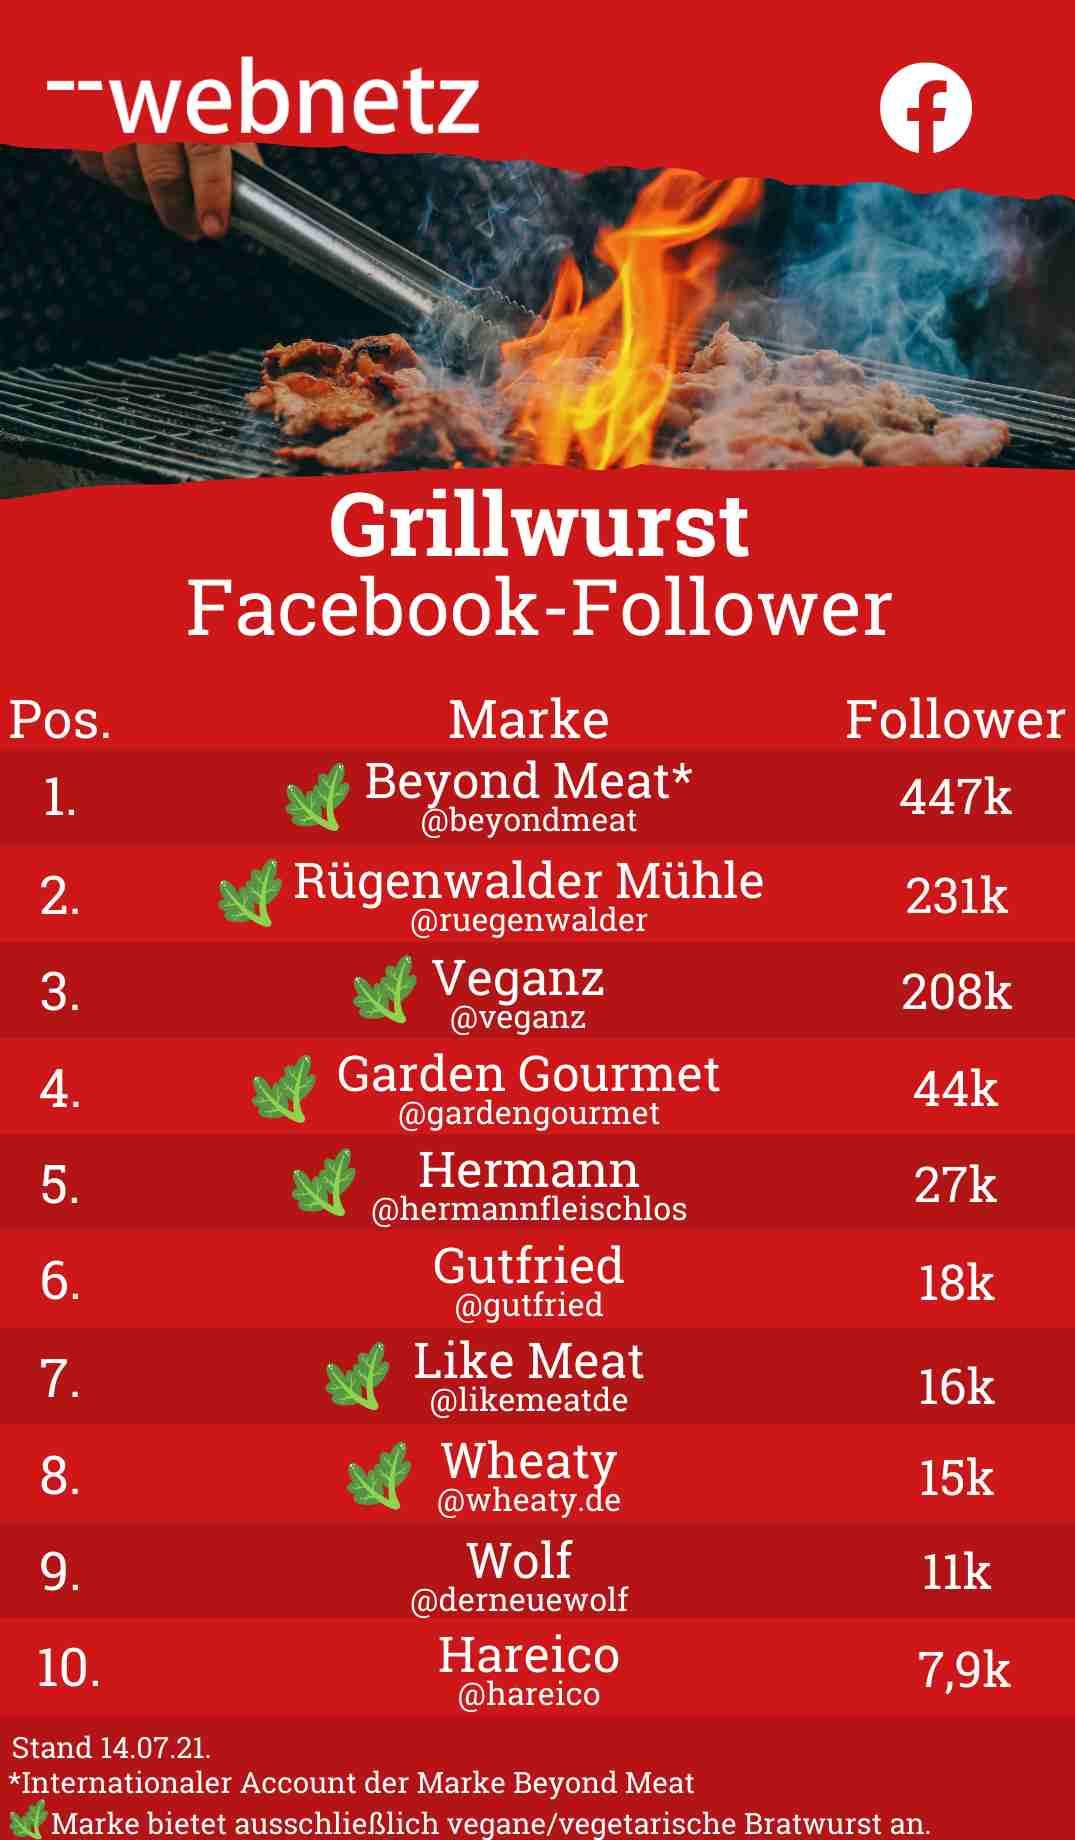 Grillwurst Facebook-Follower